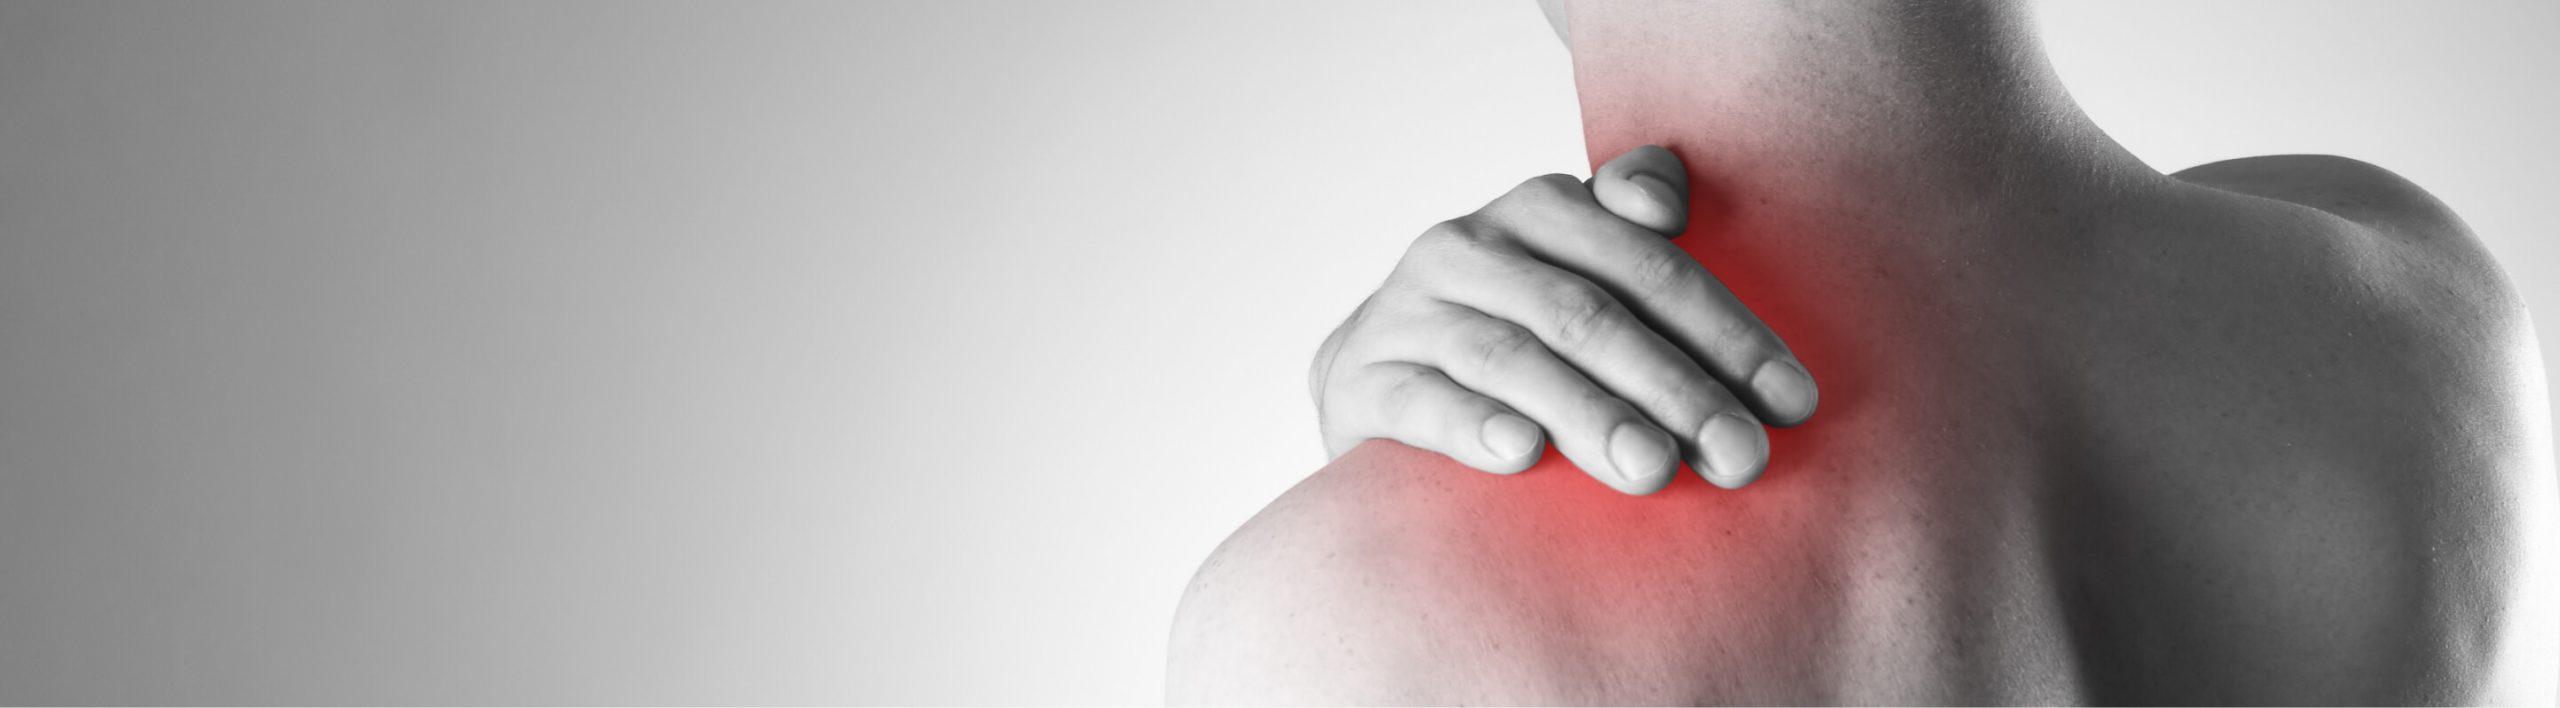 chronic neck & back pain